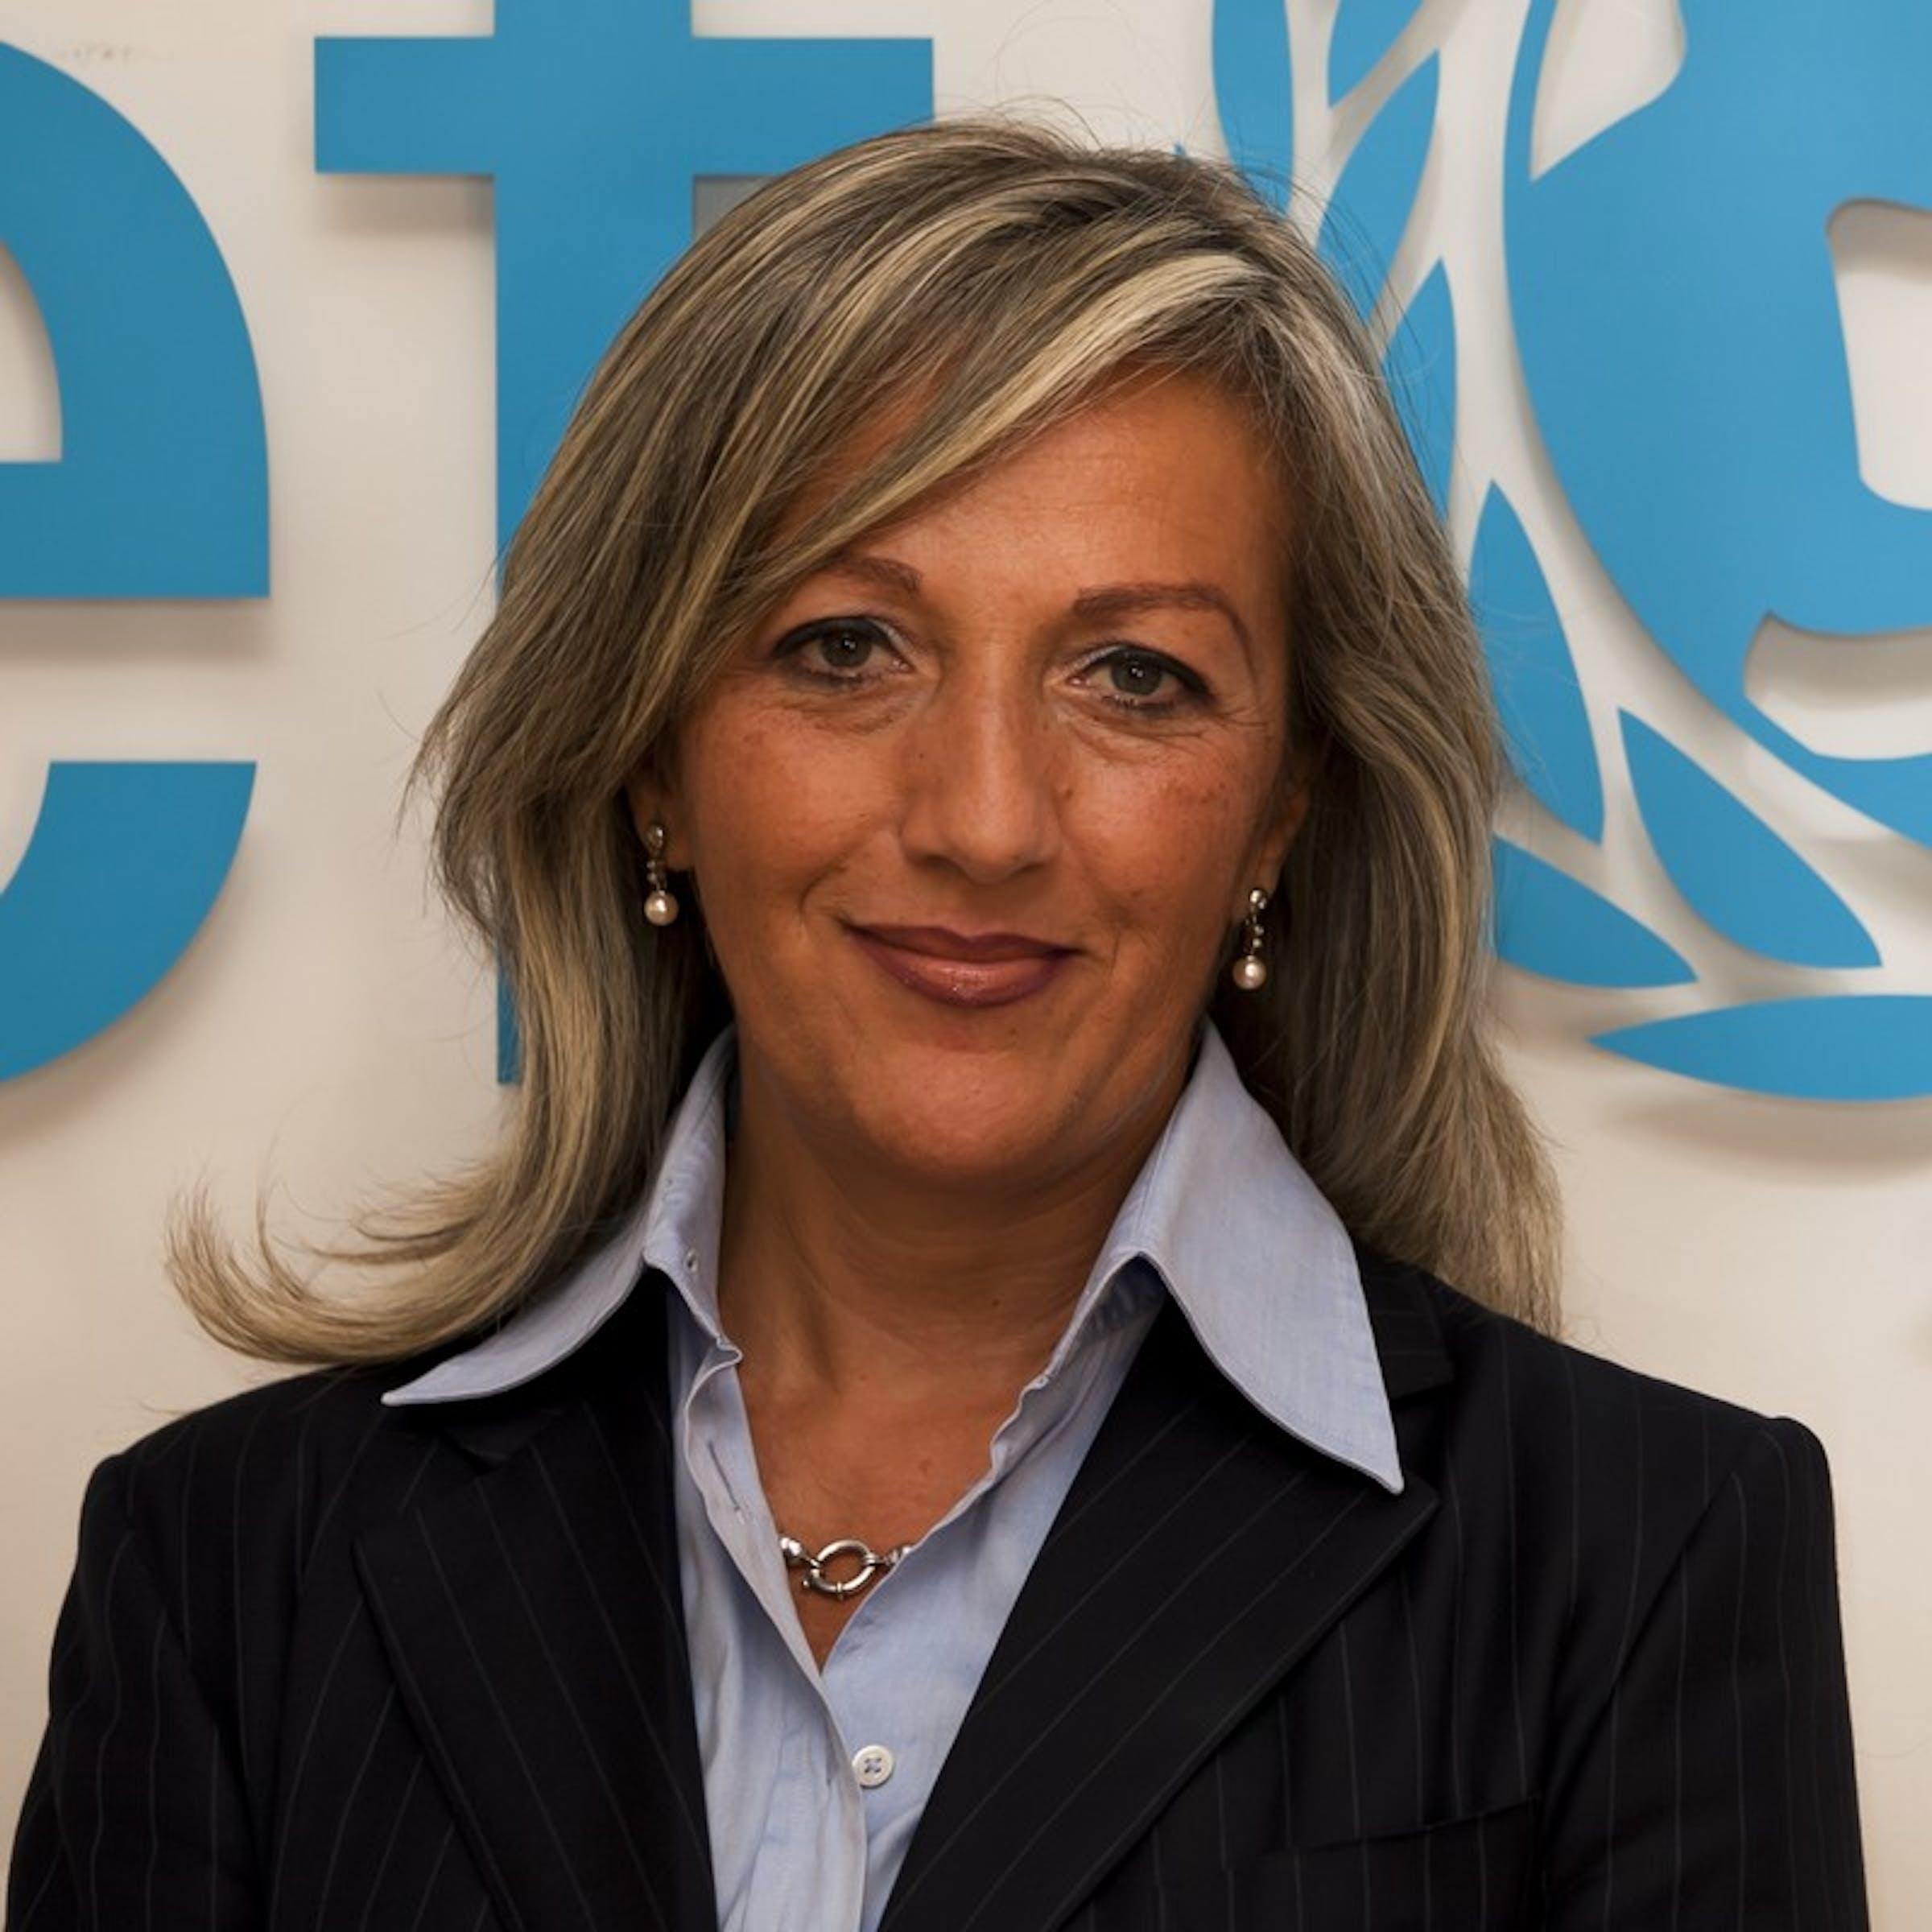 Paola Bianchi